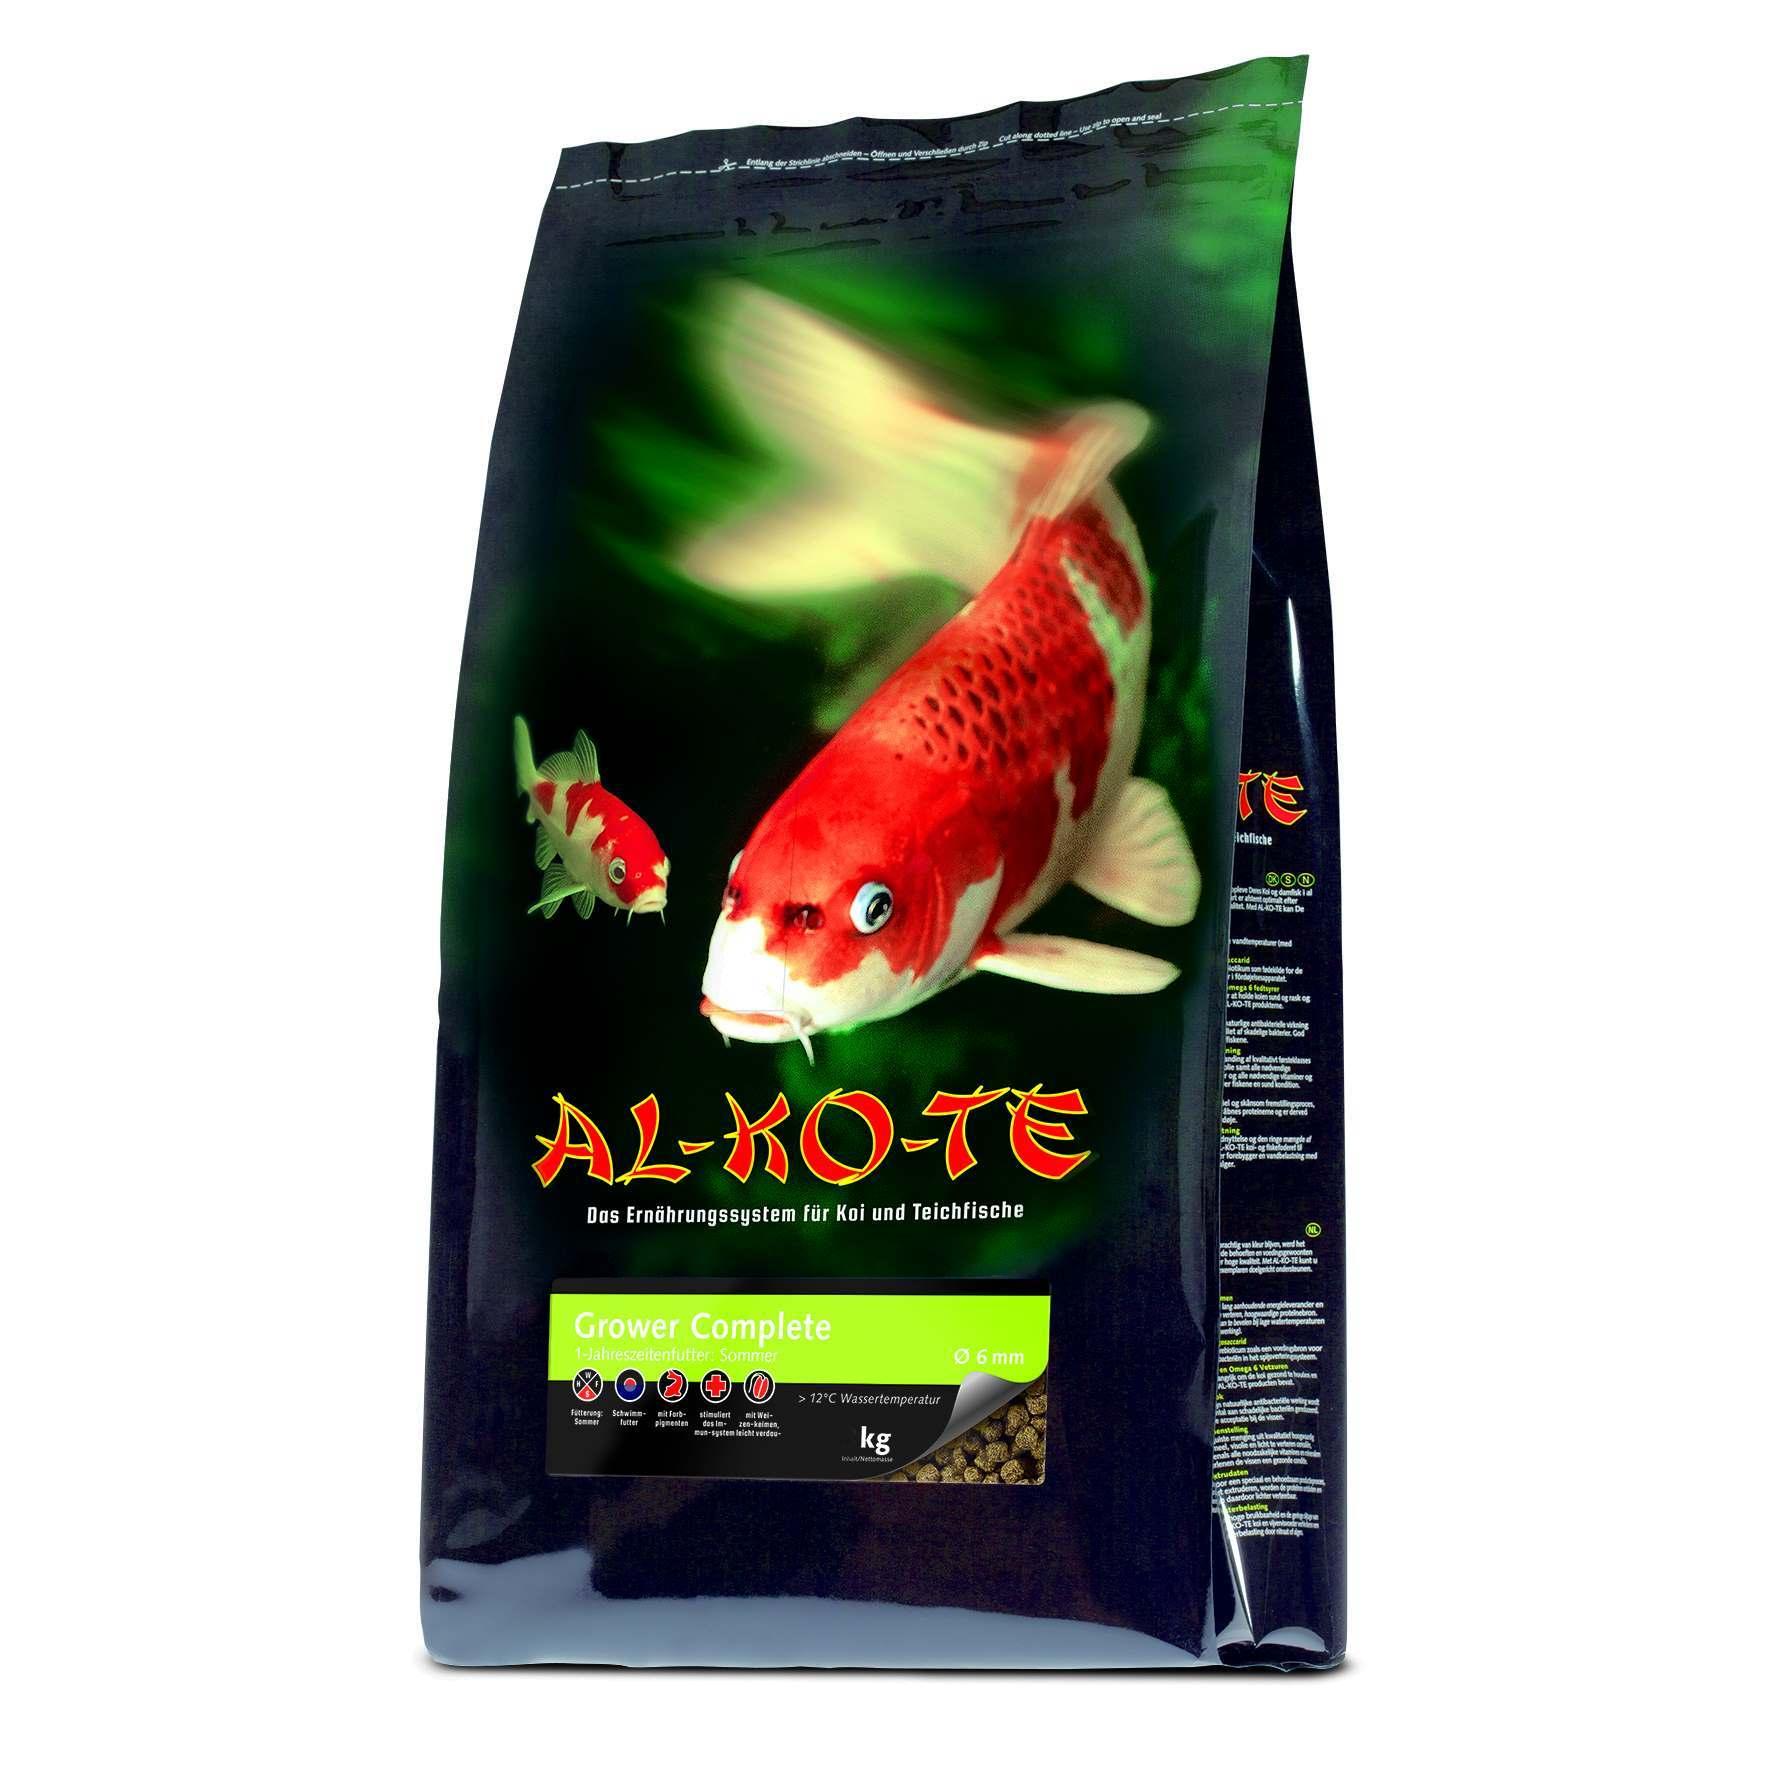 AL-KO-TE Grower Complete 6mm Pellets 13,5 kg